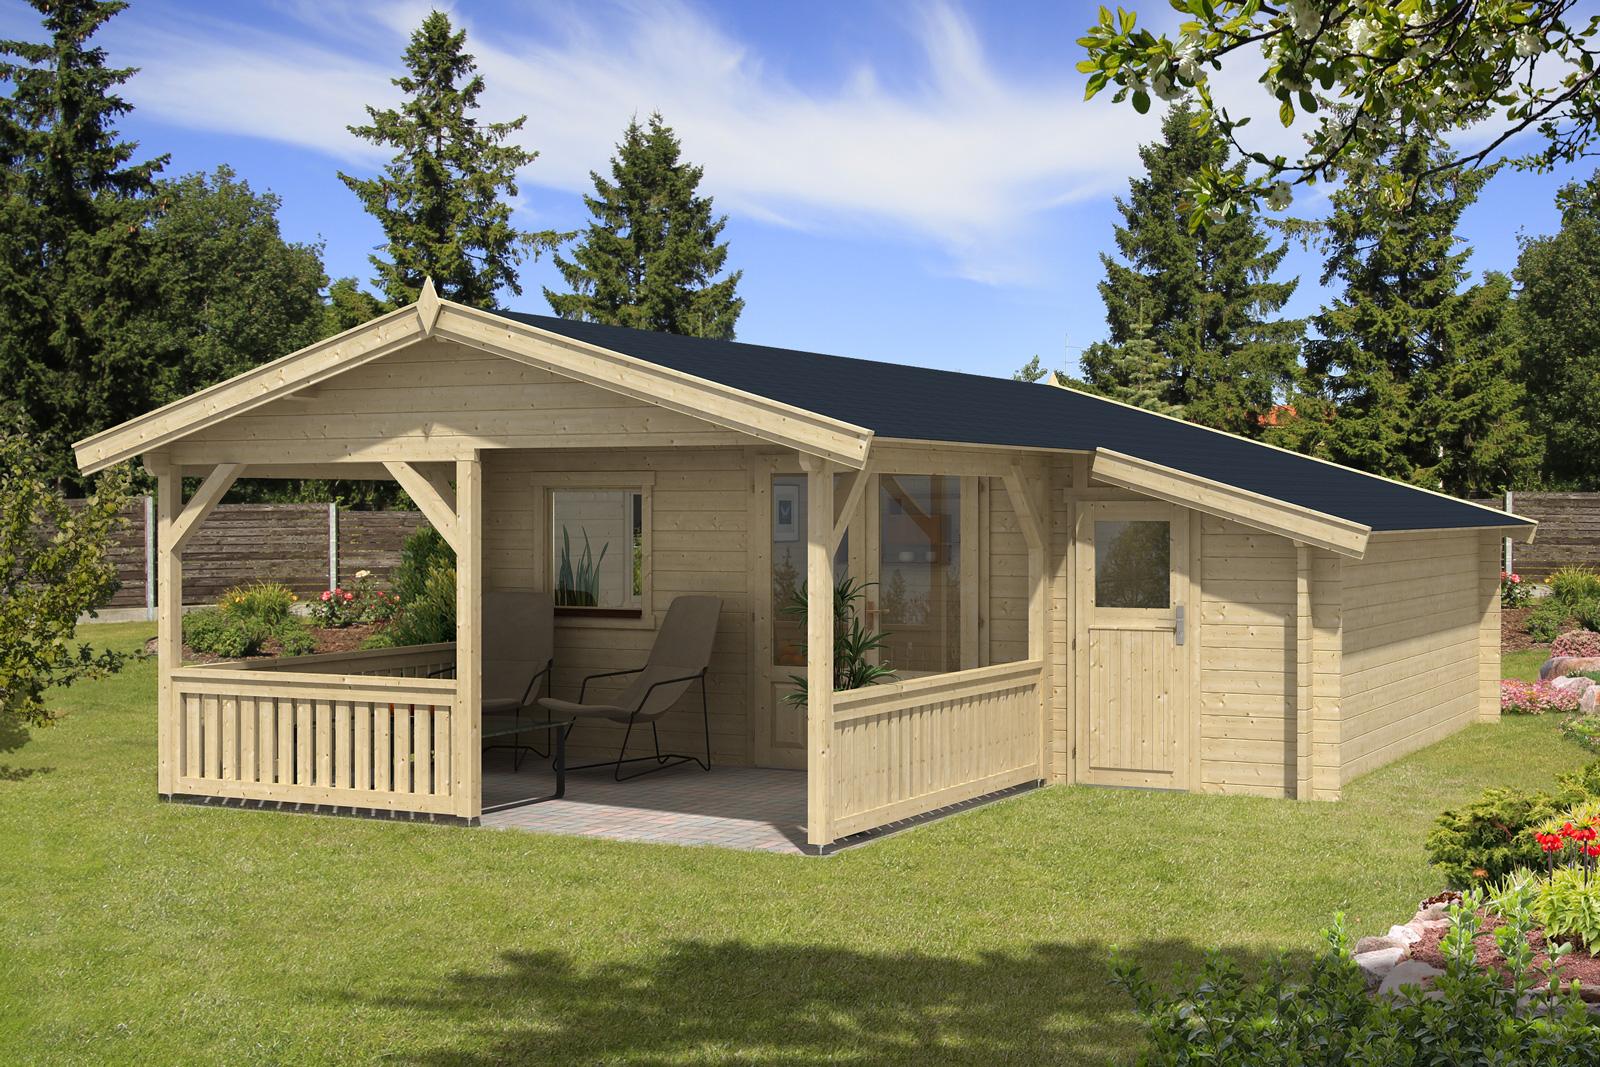 gartenhaus flex 50 c mit 300cm terrasse anbau 4x4 3z. Black Bedroom Furniture Sets. Home Design Ideas